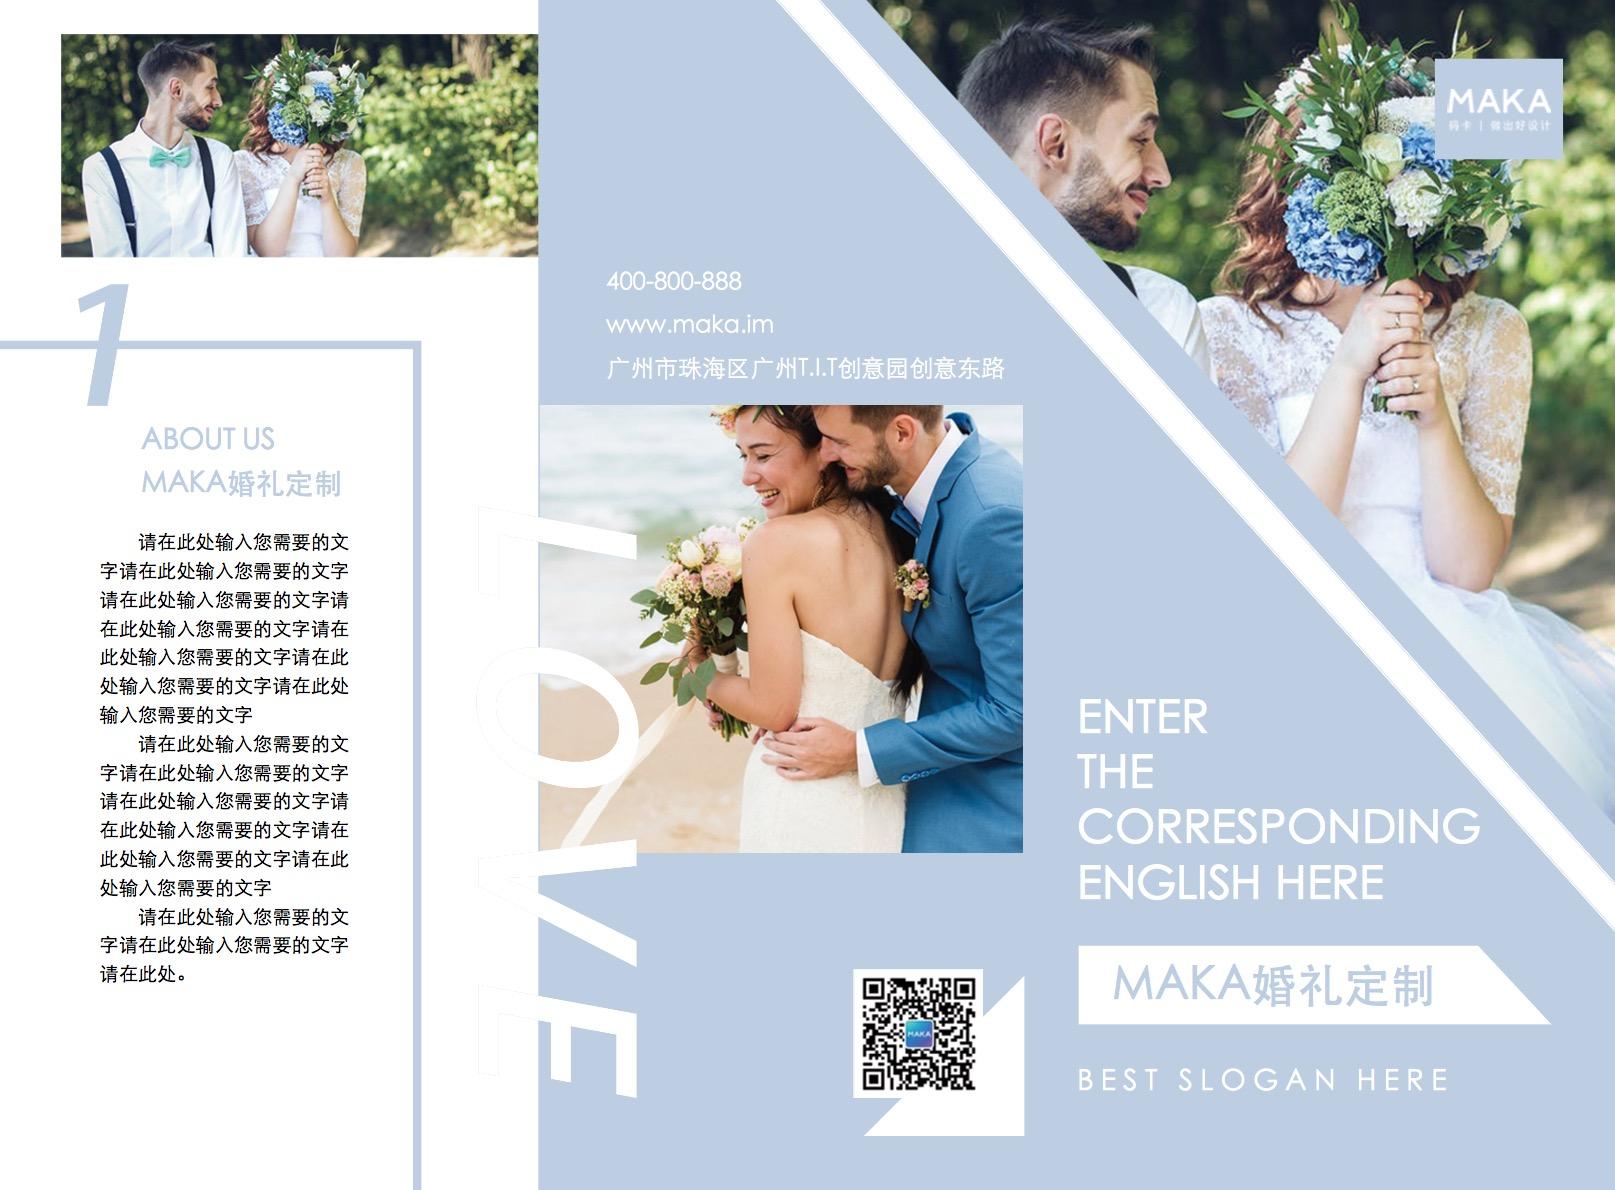 简约温馨婚庆婚礼宣传三折页